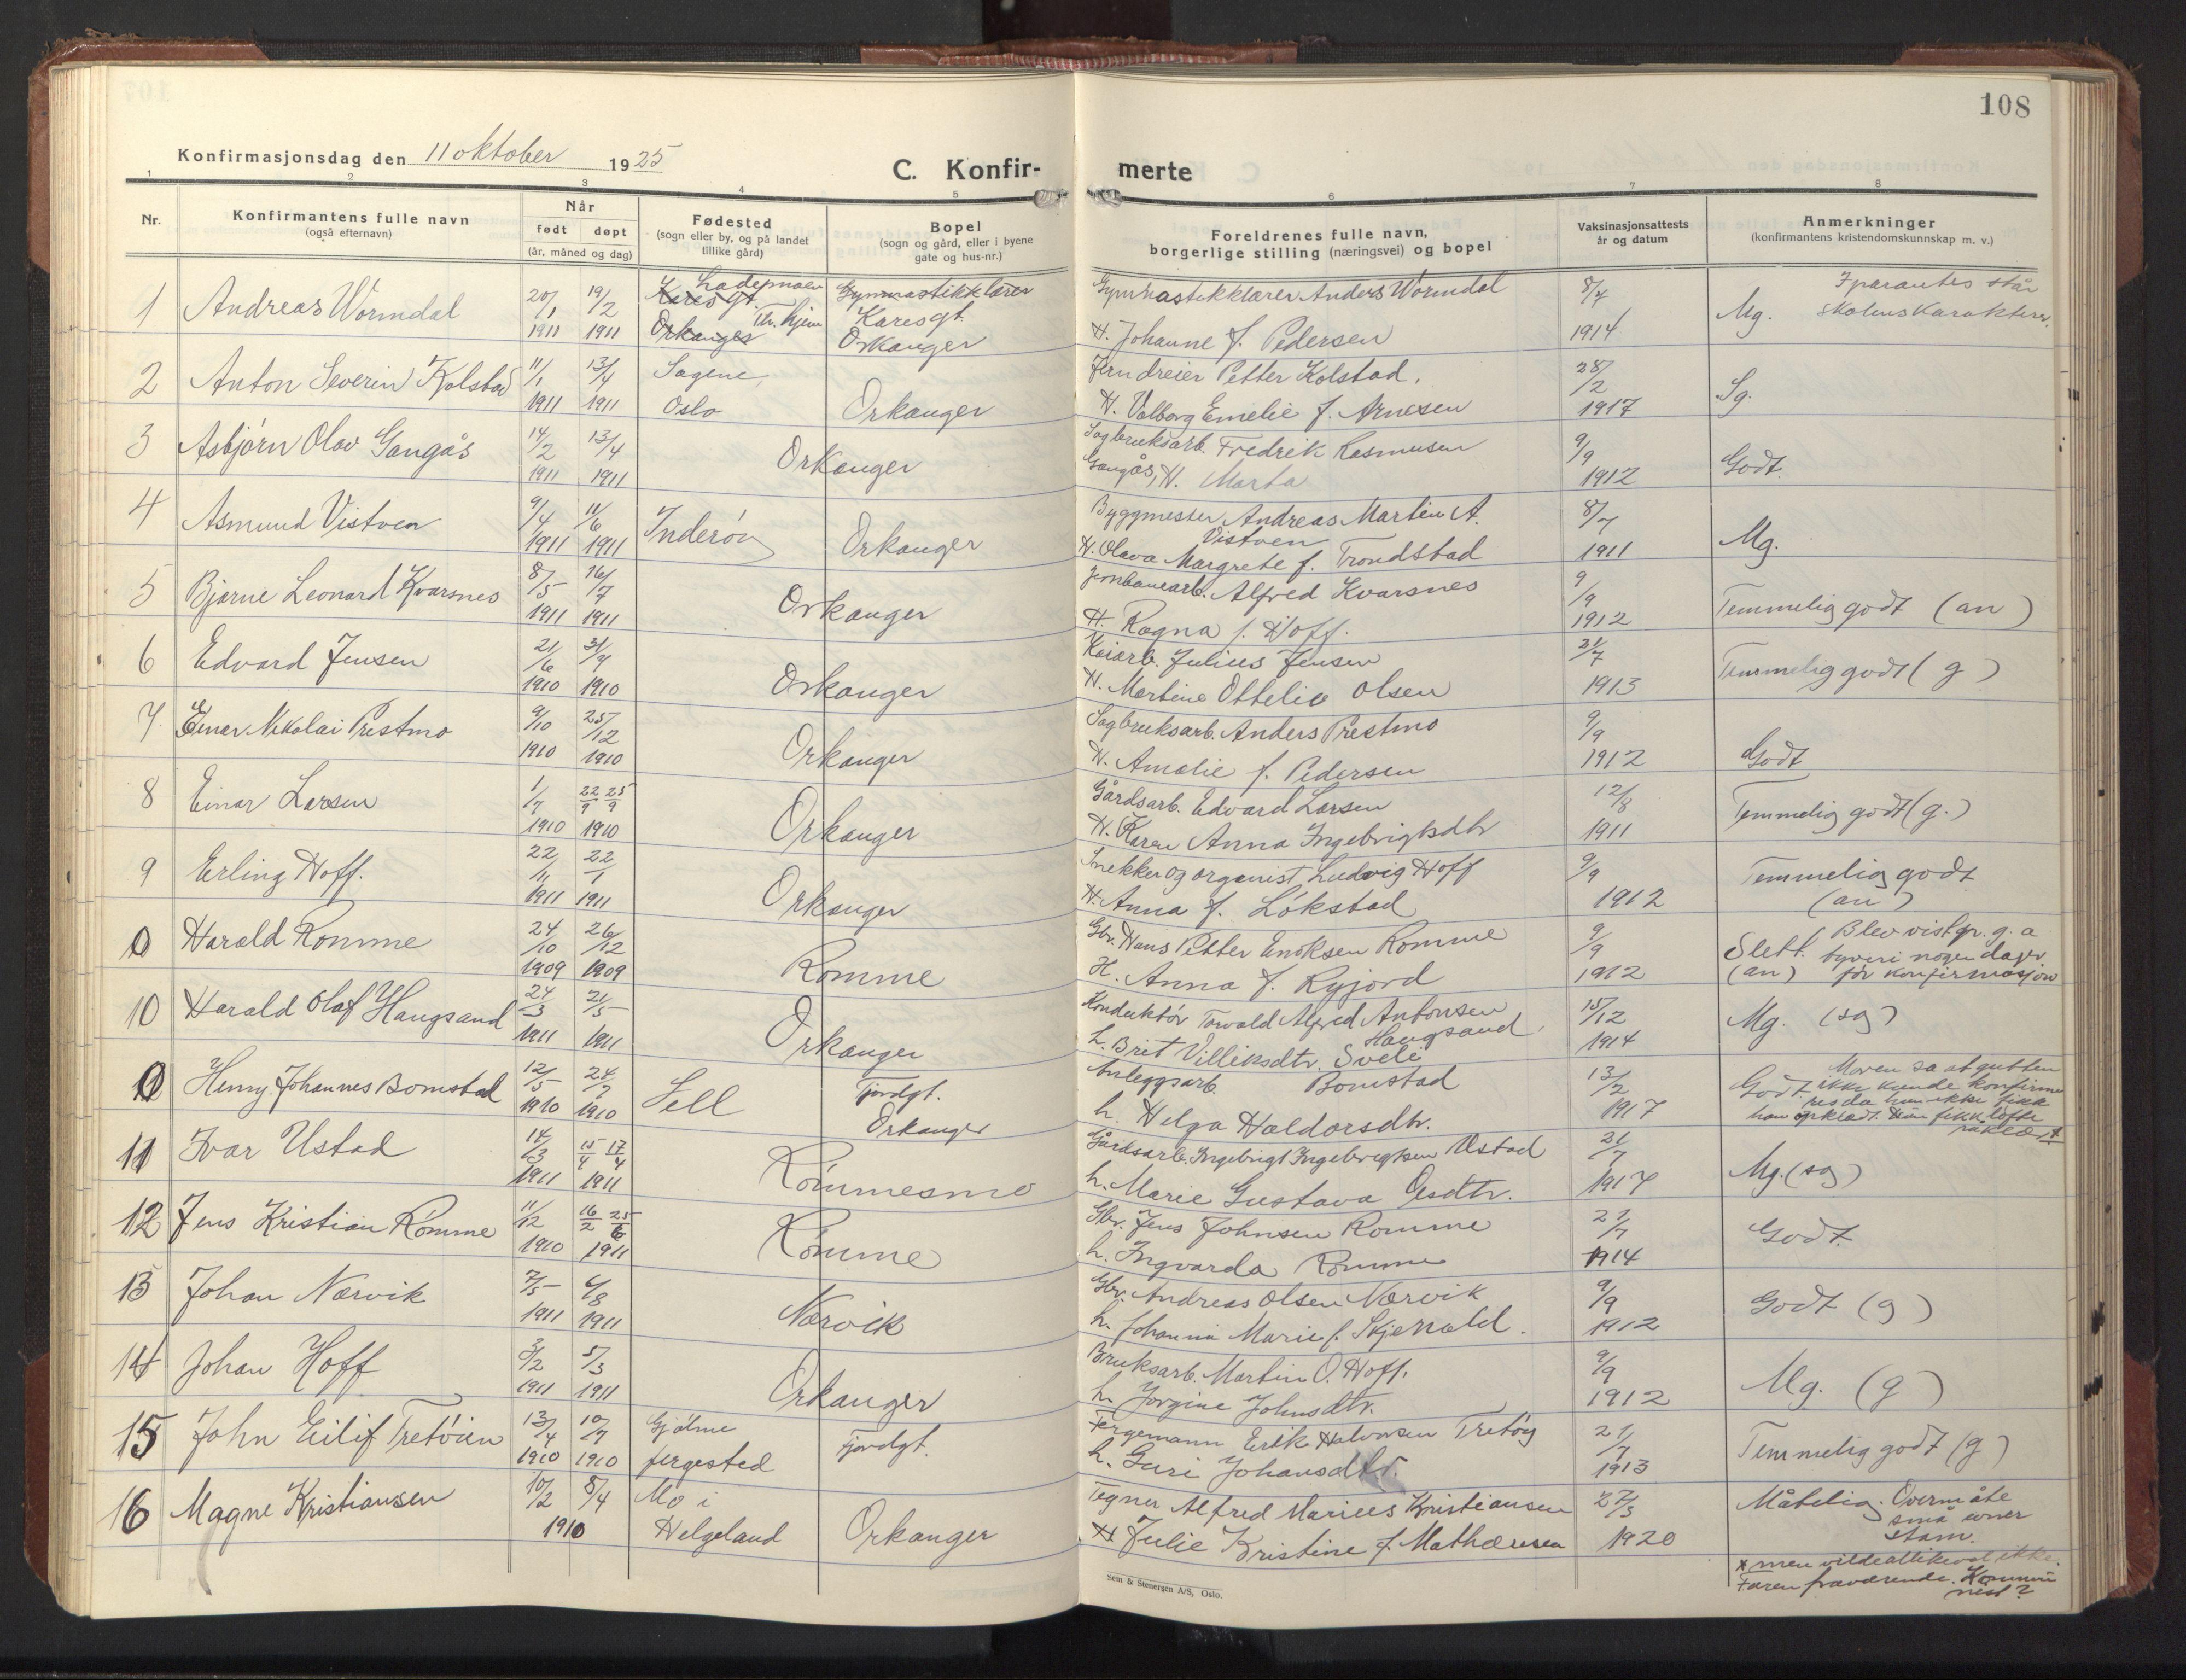 SAT, Ministerialprotokoller, klokkerbøker og fødselsregistre - Sør-Trøndelag, 669/L0832: Klokkerbok nr. 669C02, 1925-1953, s. 108